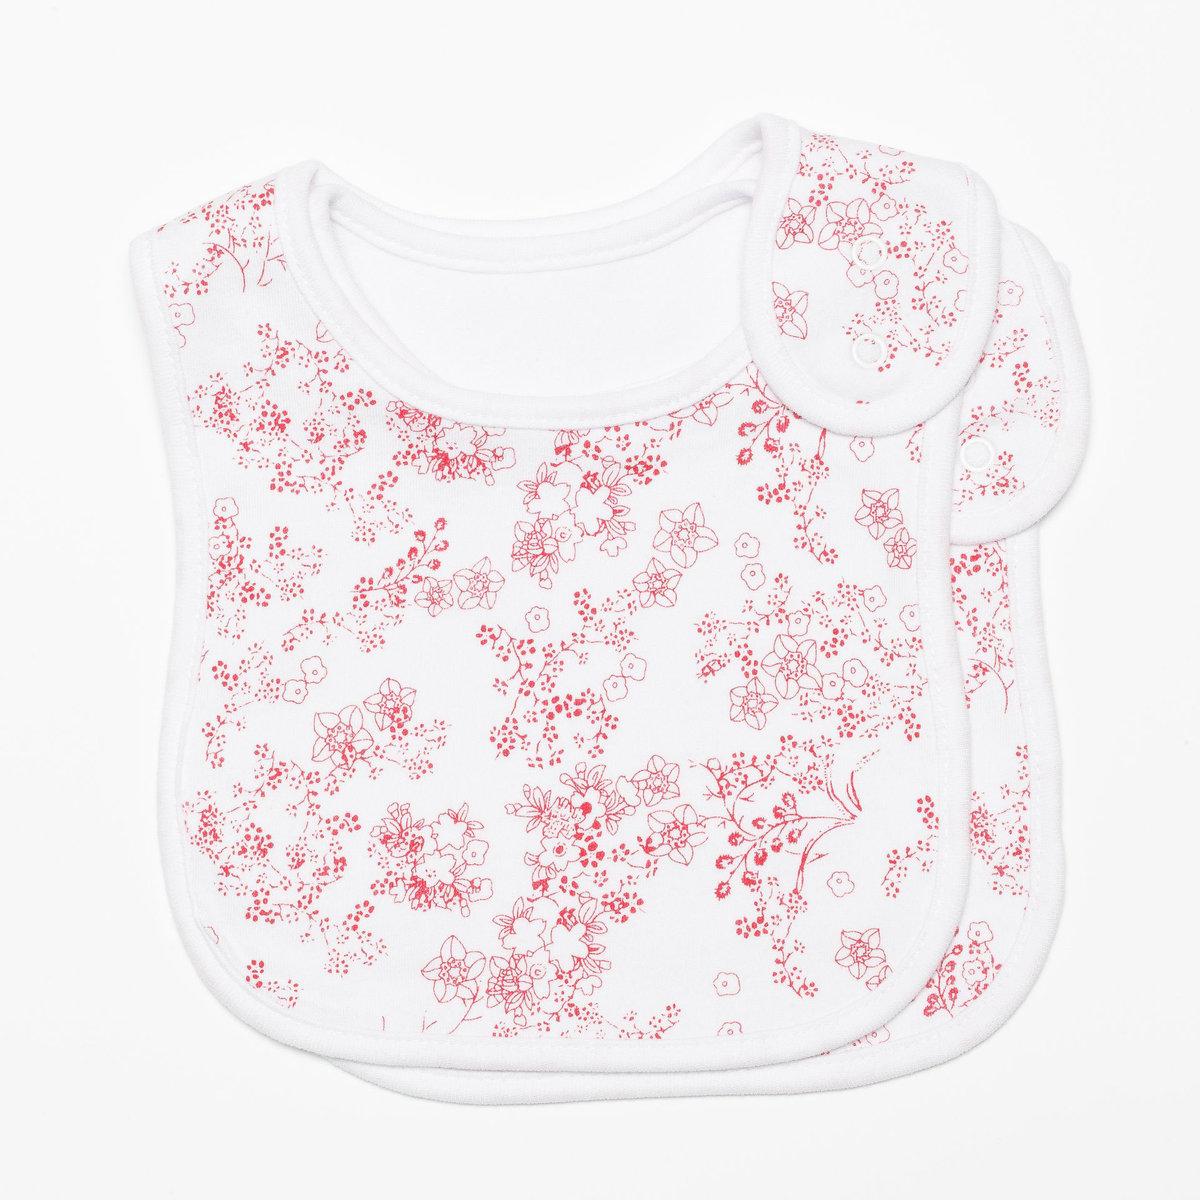 Japanese Blossom Bib 2pcs Set